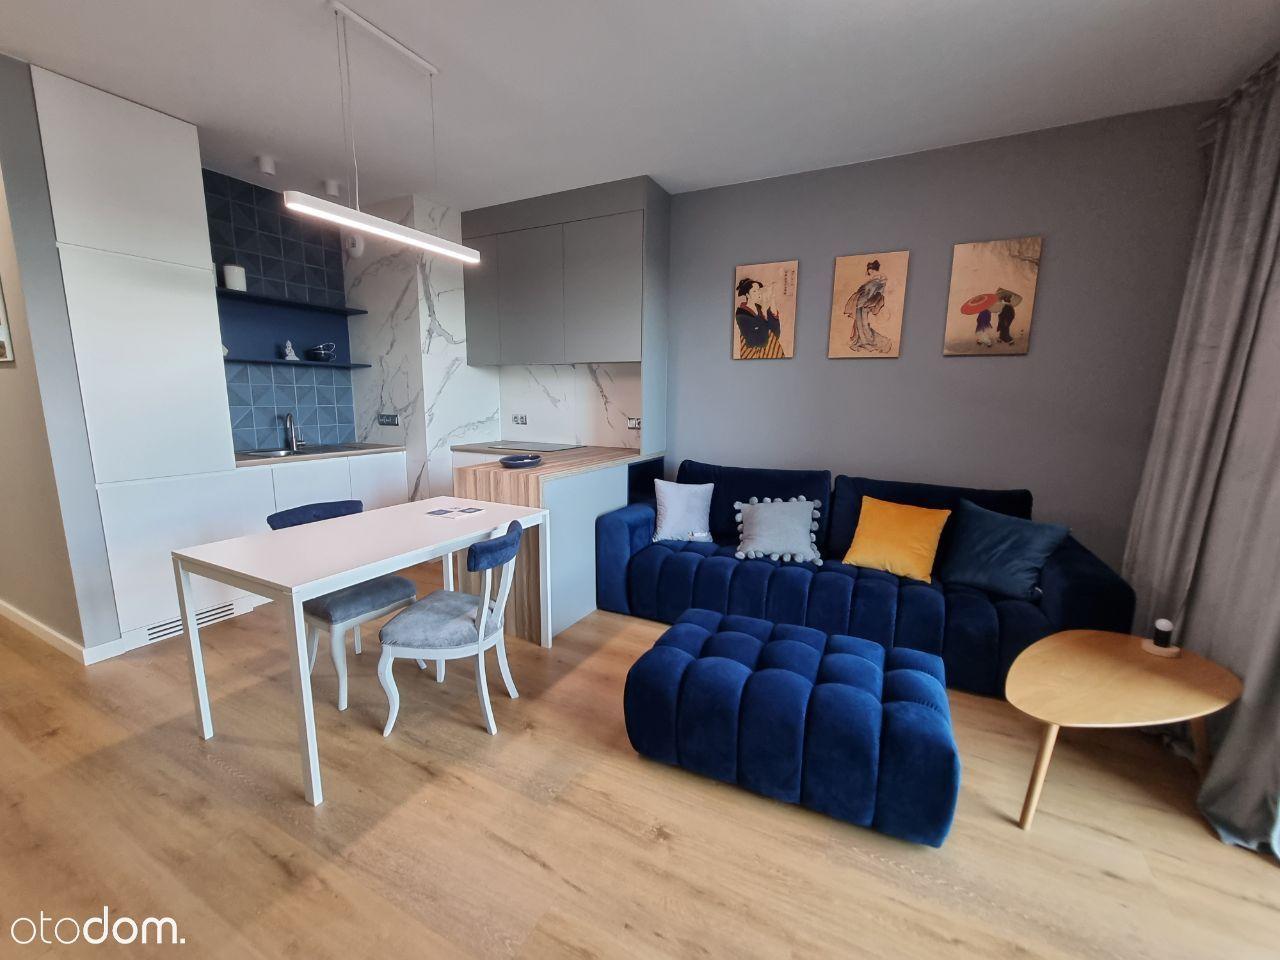 Nowe atrakcyjne mieszkanie Mokotów 3 pokoje garaż